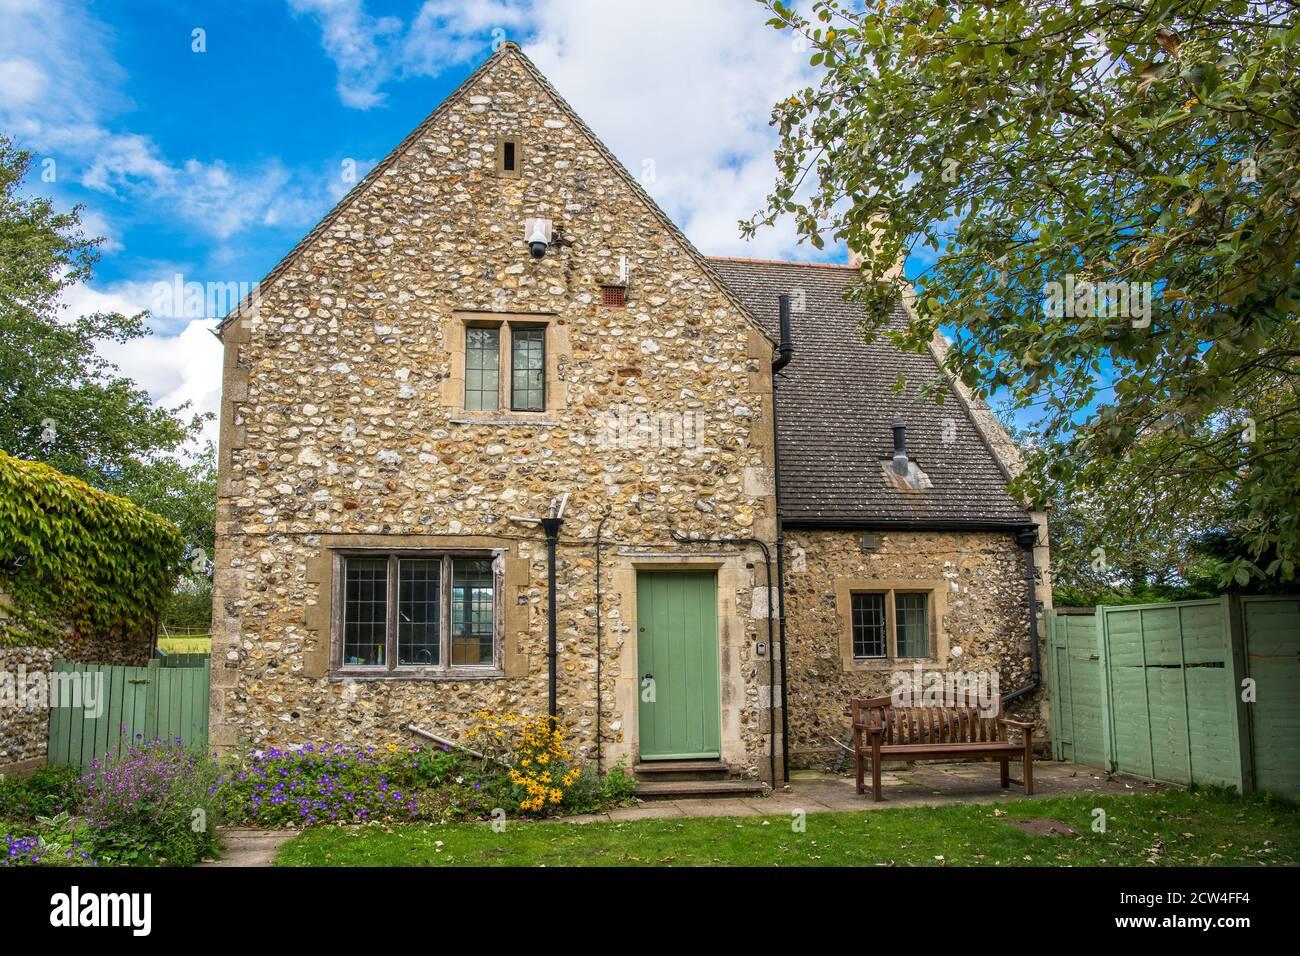 Maison en pierre dans le domaine presbytère Walsingham Norfolk Angleterre Banque D'Images